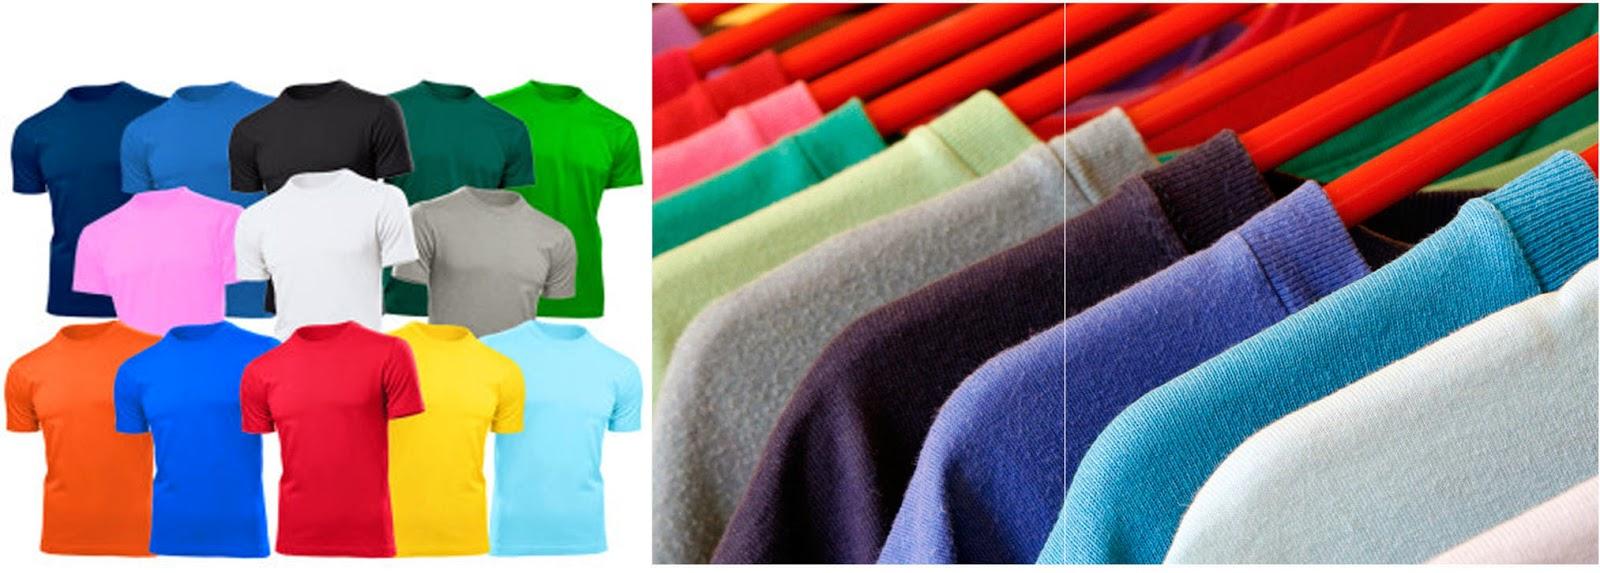 Jasa konveksi kaos bandung, jasa pembuatan kaos bandung, kaos olahraga  polo shirt  sablon kaos murah  distro di bandung  konveksi murah